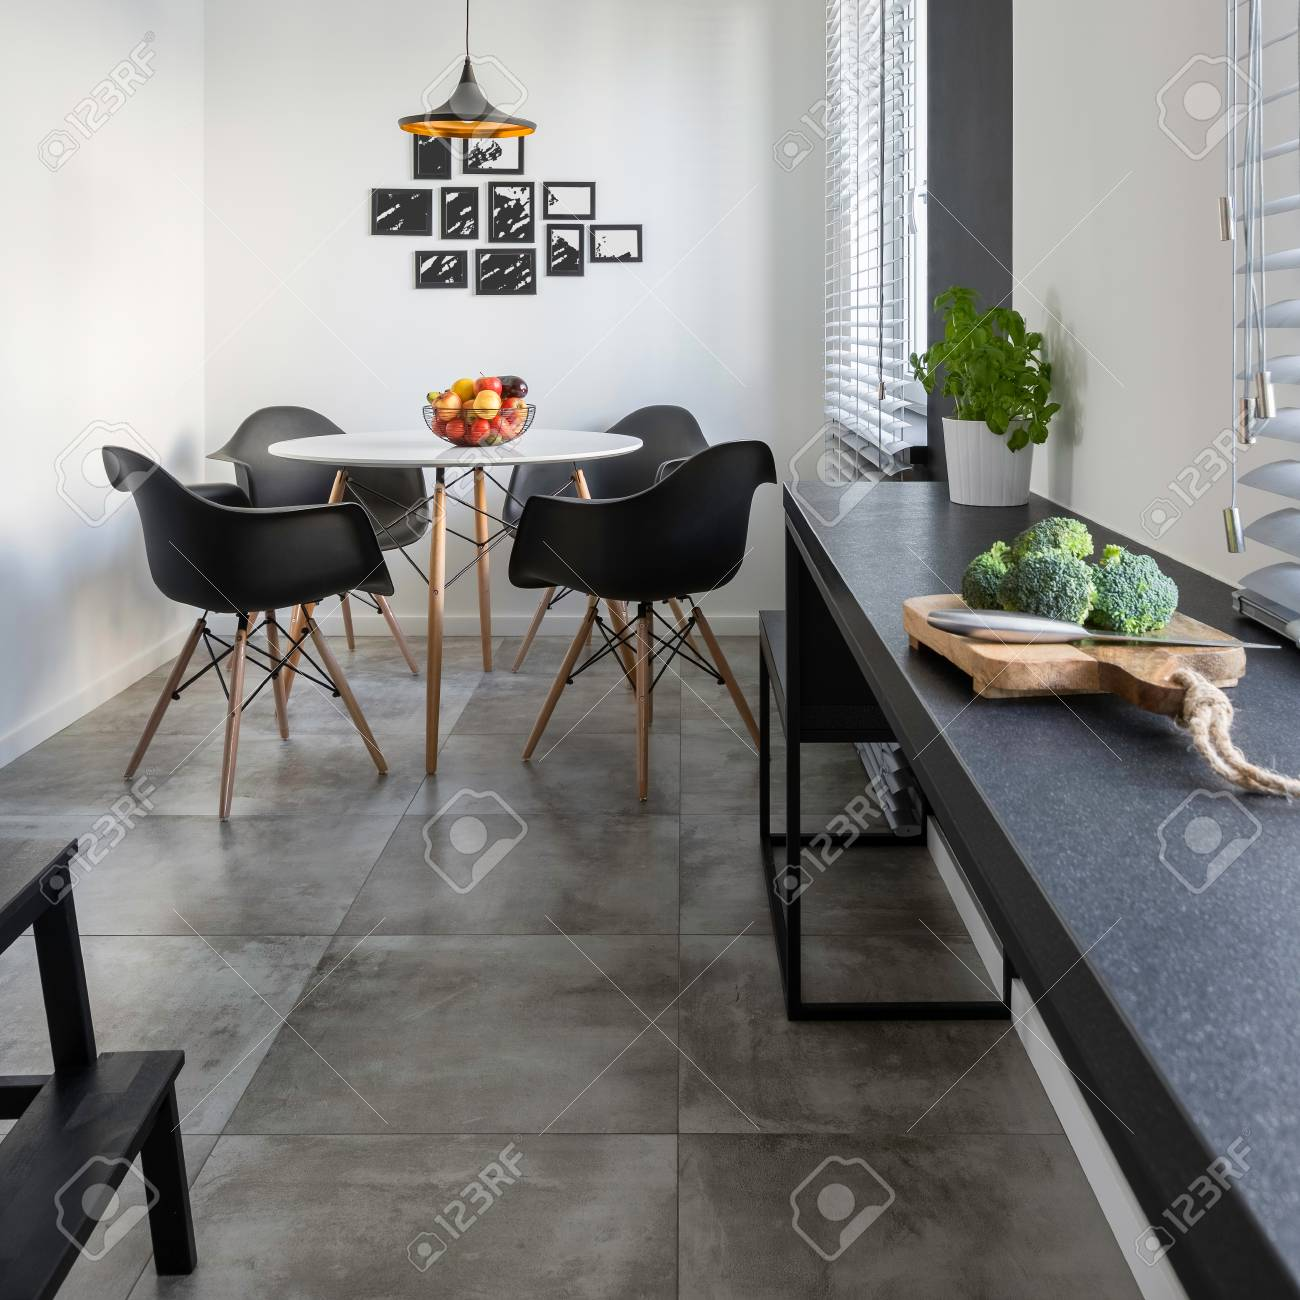 Küche Mit Langer, Granit-Arbeitsplatte, Betonbodenfliesen Und Runden ...